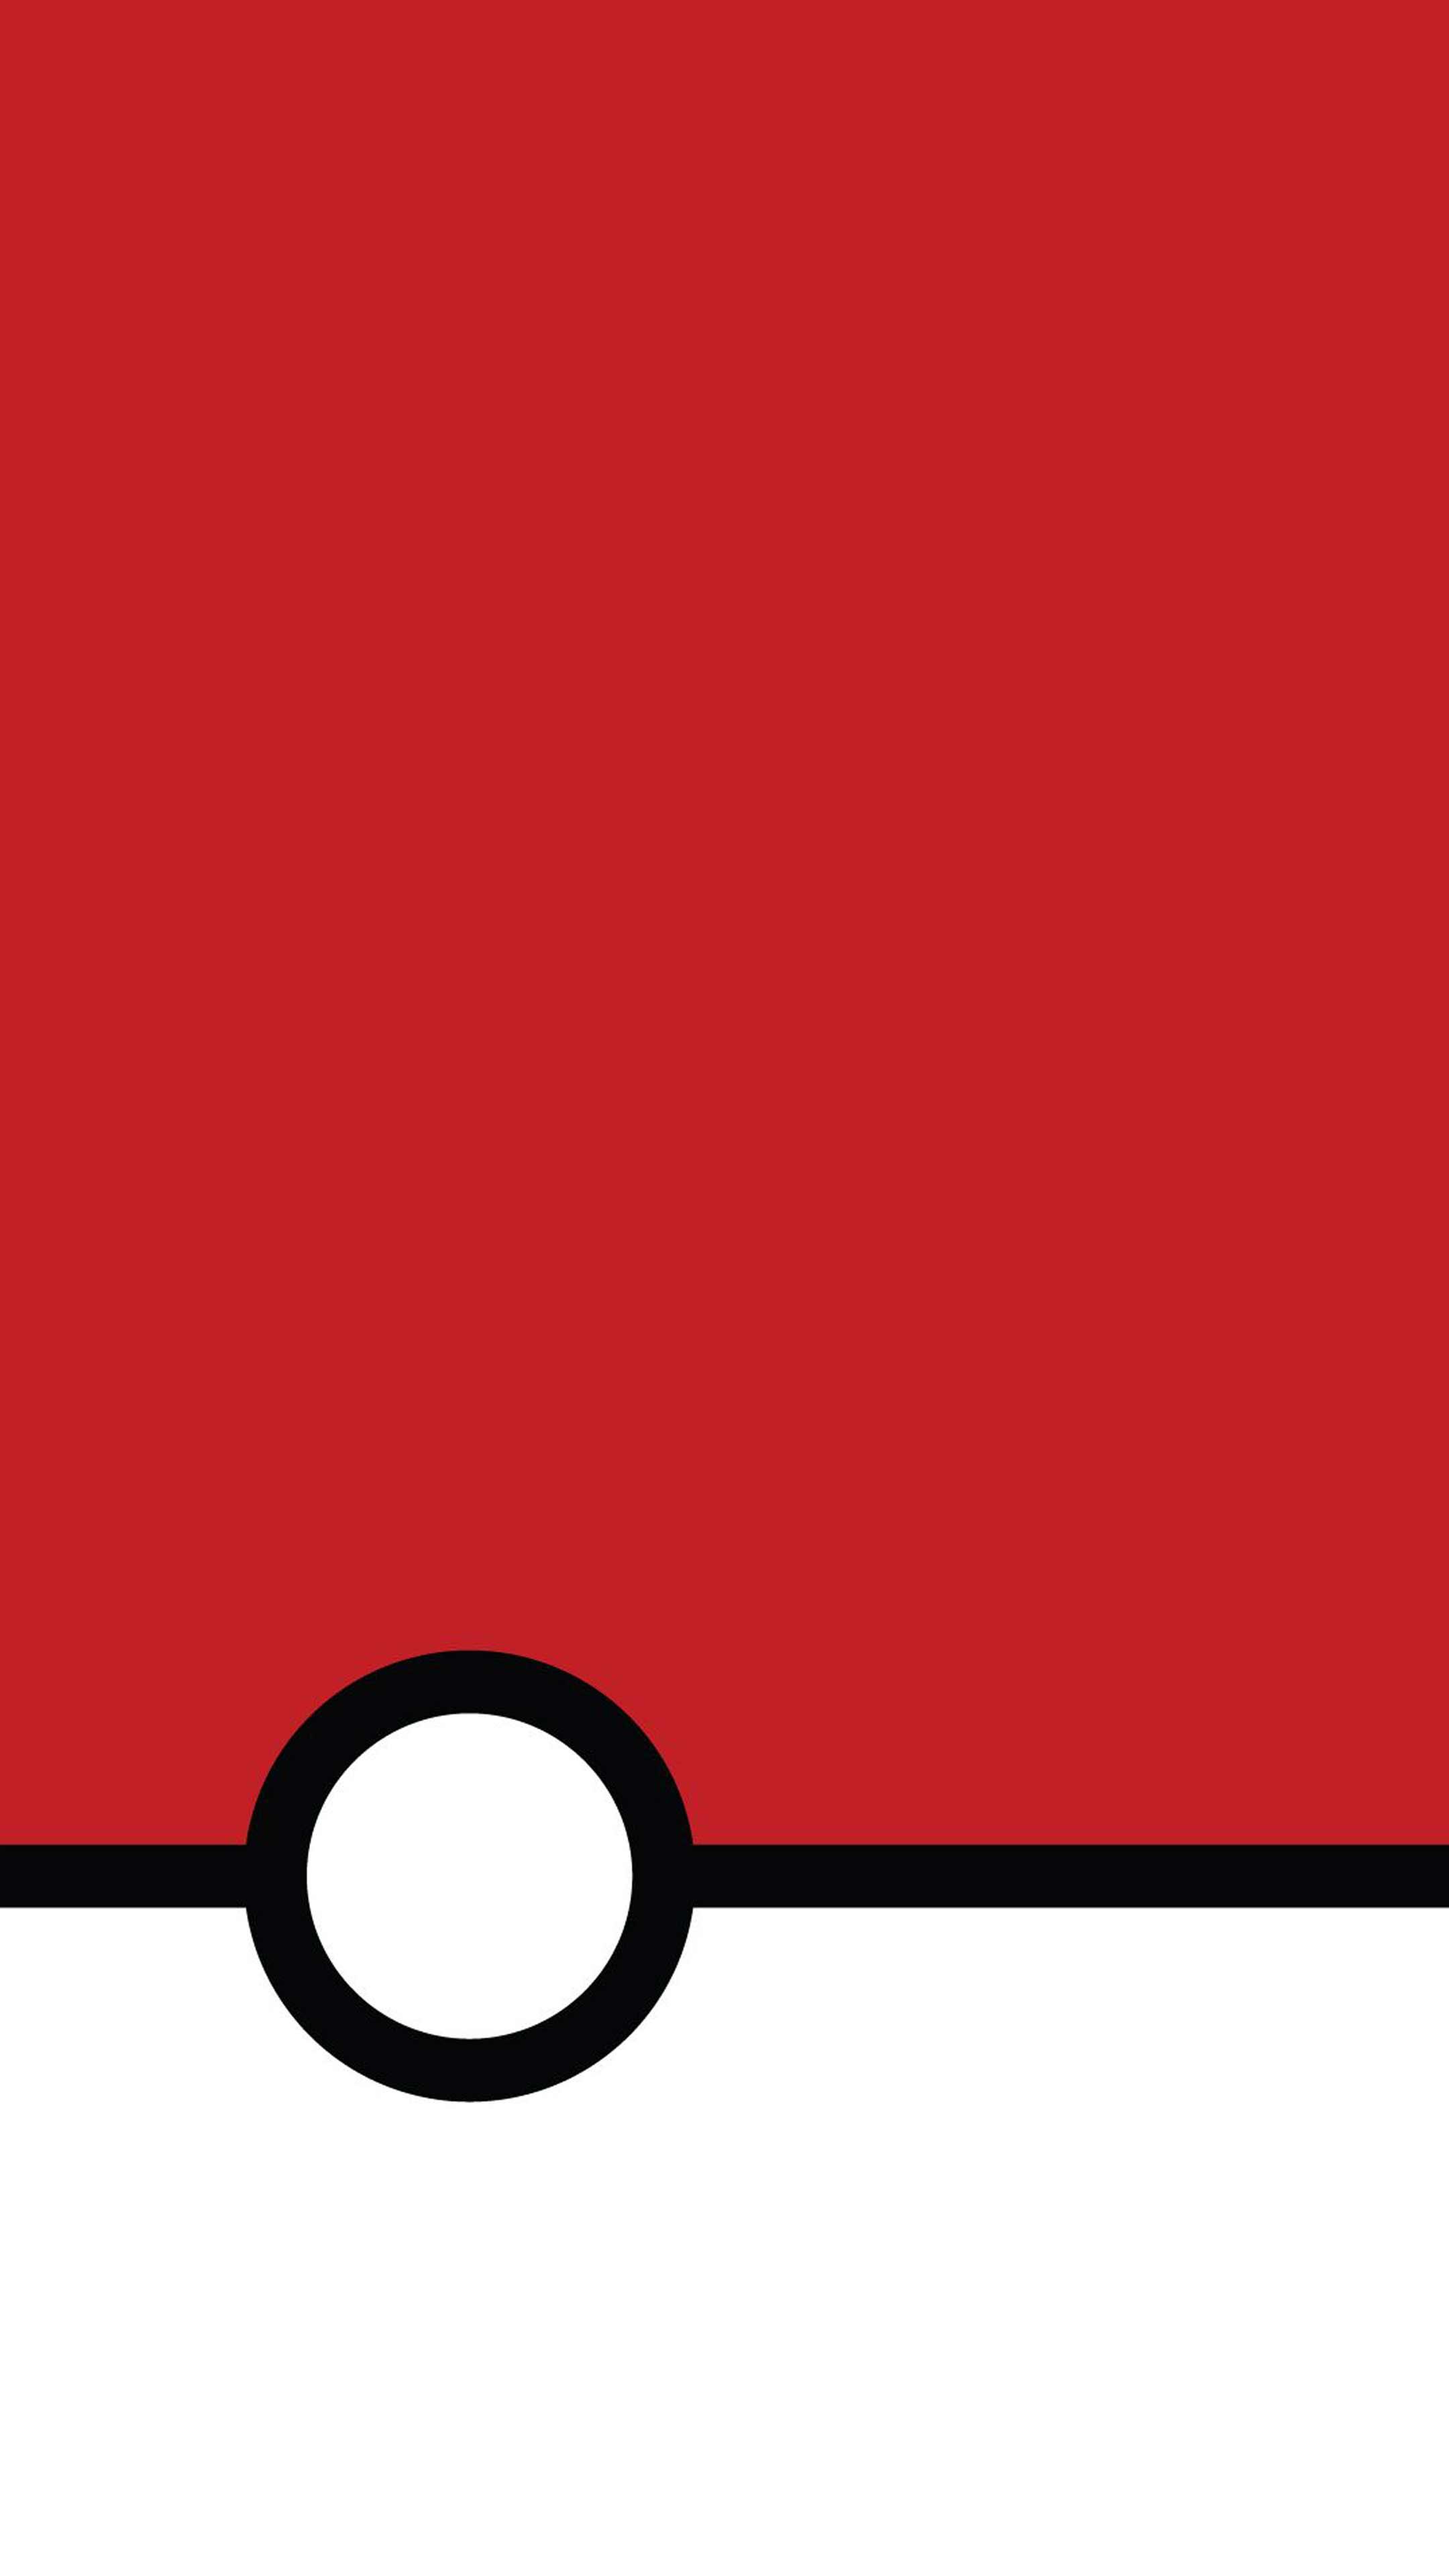 Pokemon X And Y Iphone Wallpaper Fondos De Pantalla Minimalistas Para Tu M 243 Vil Castor Geek